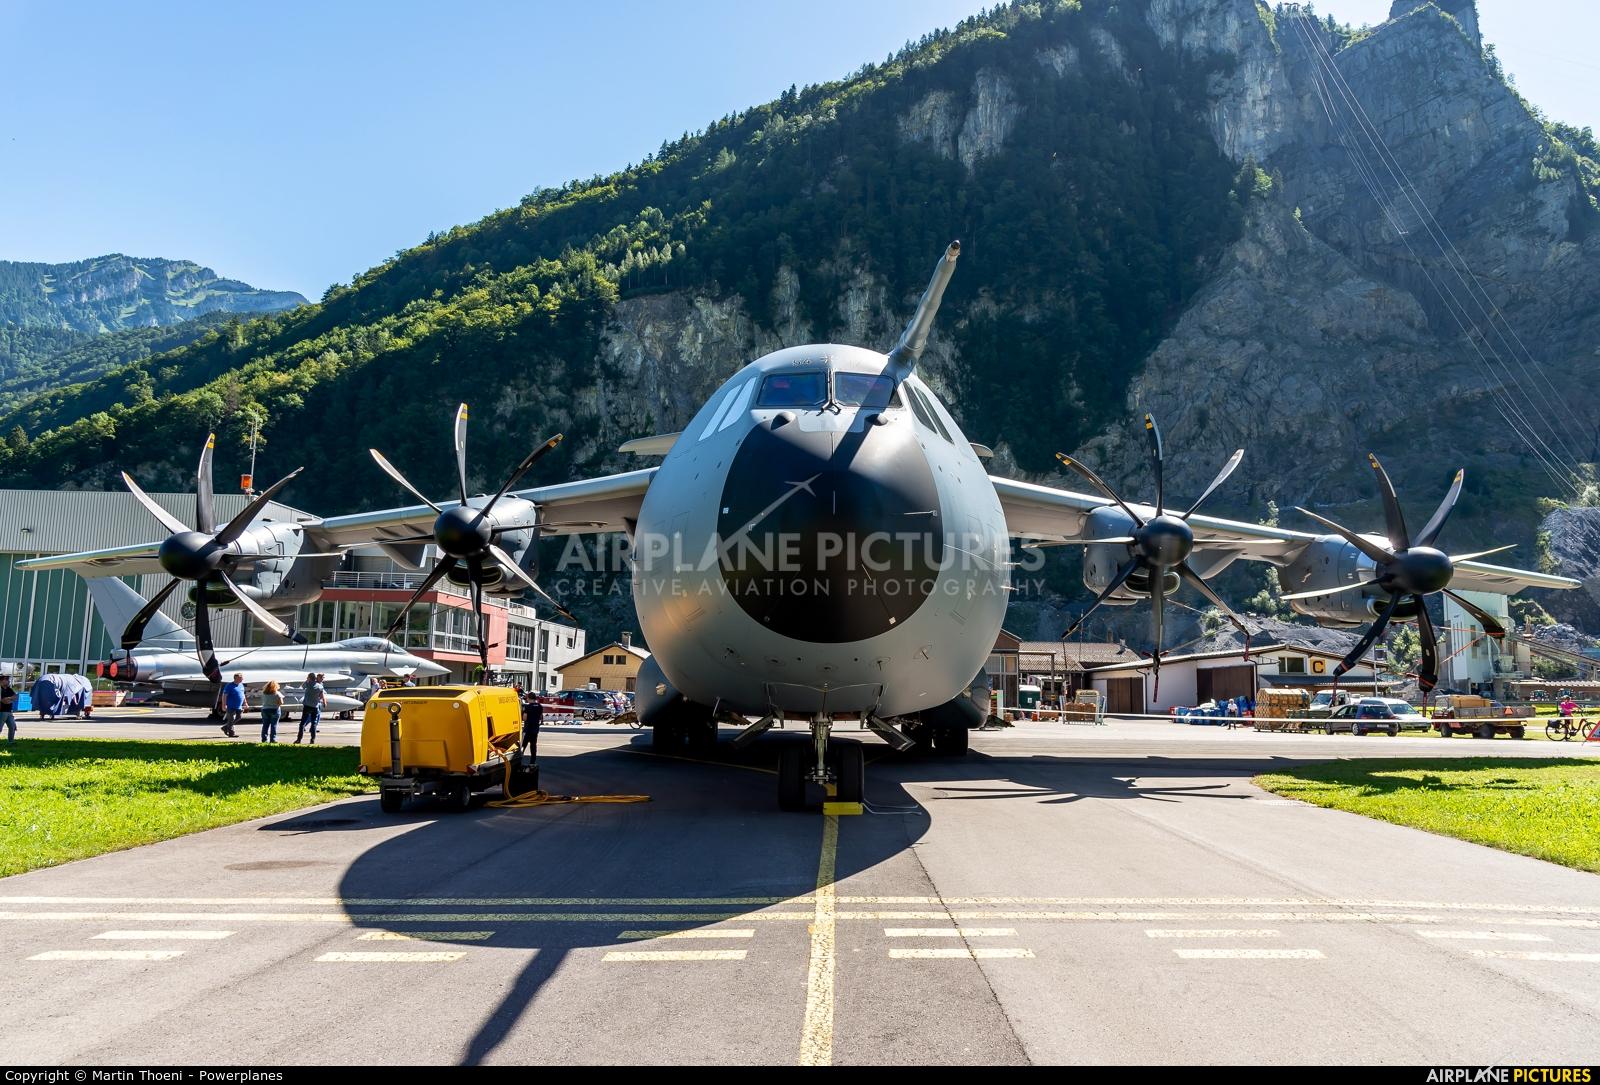 Germany - Air Force 54+17 aircraft at Mollis